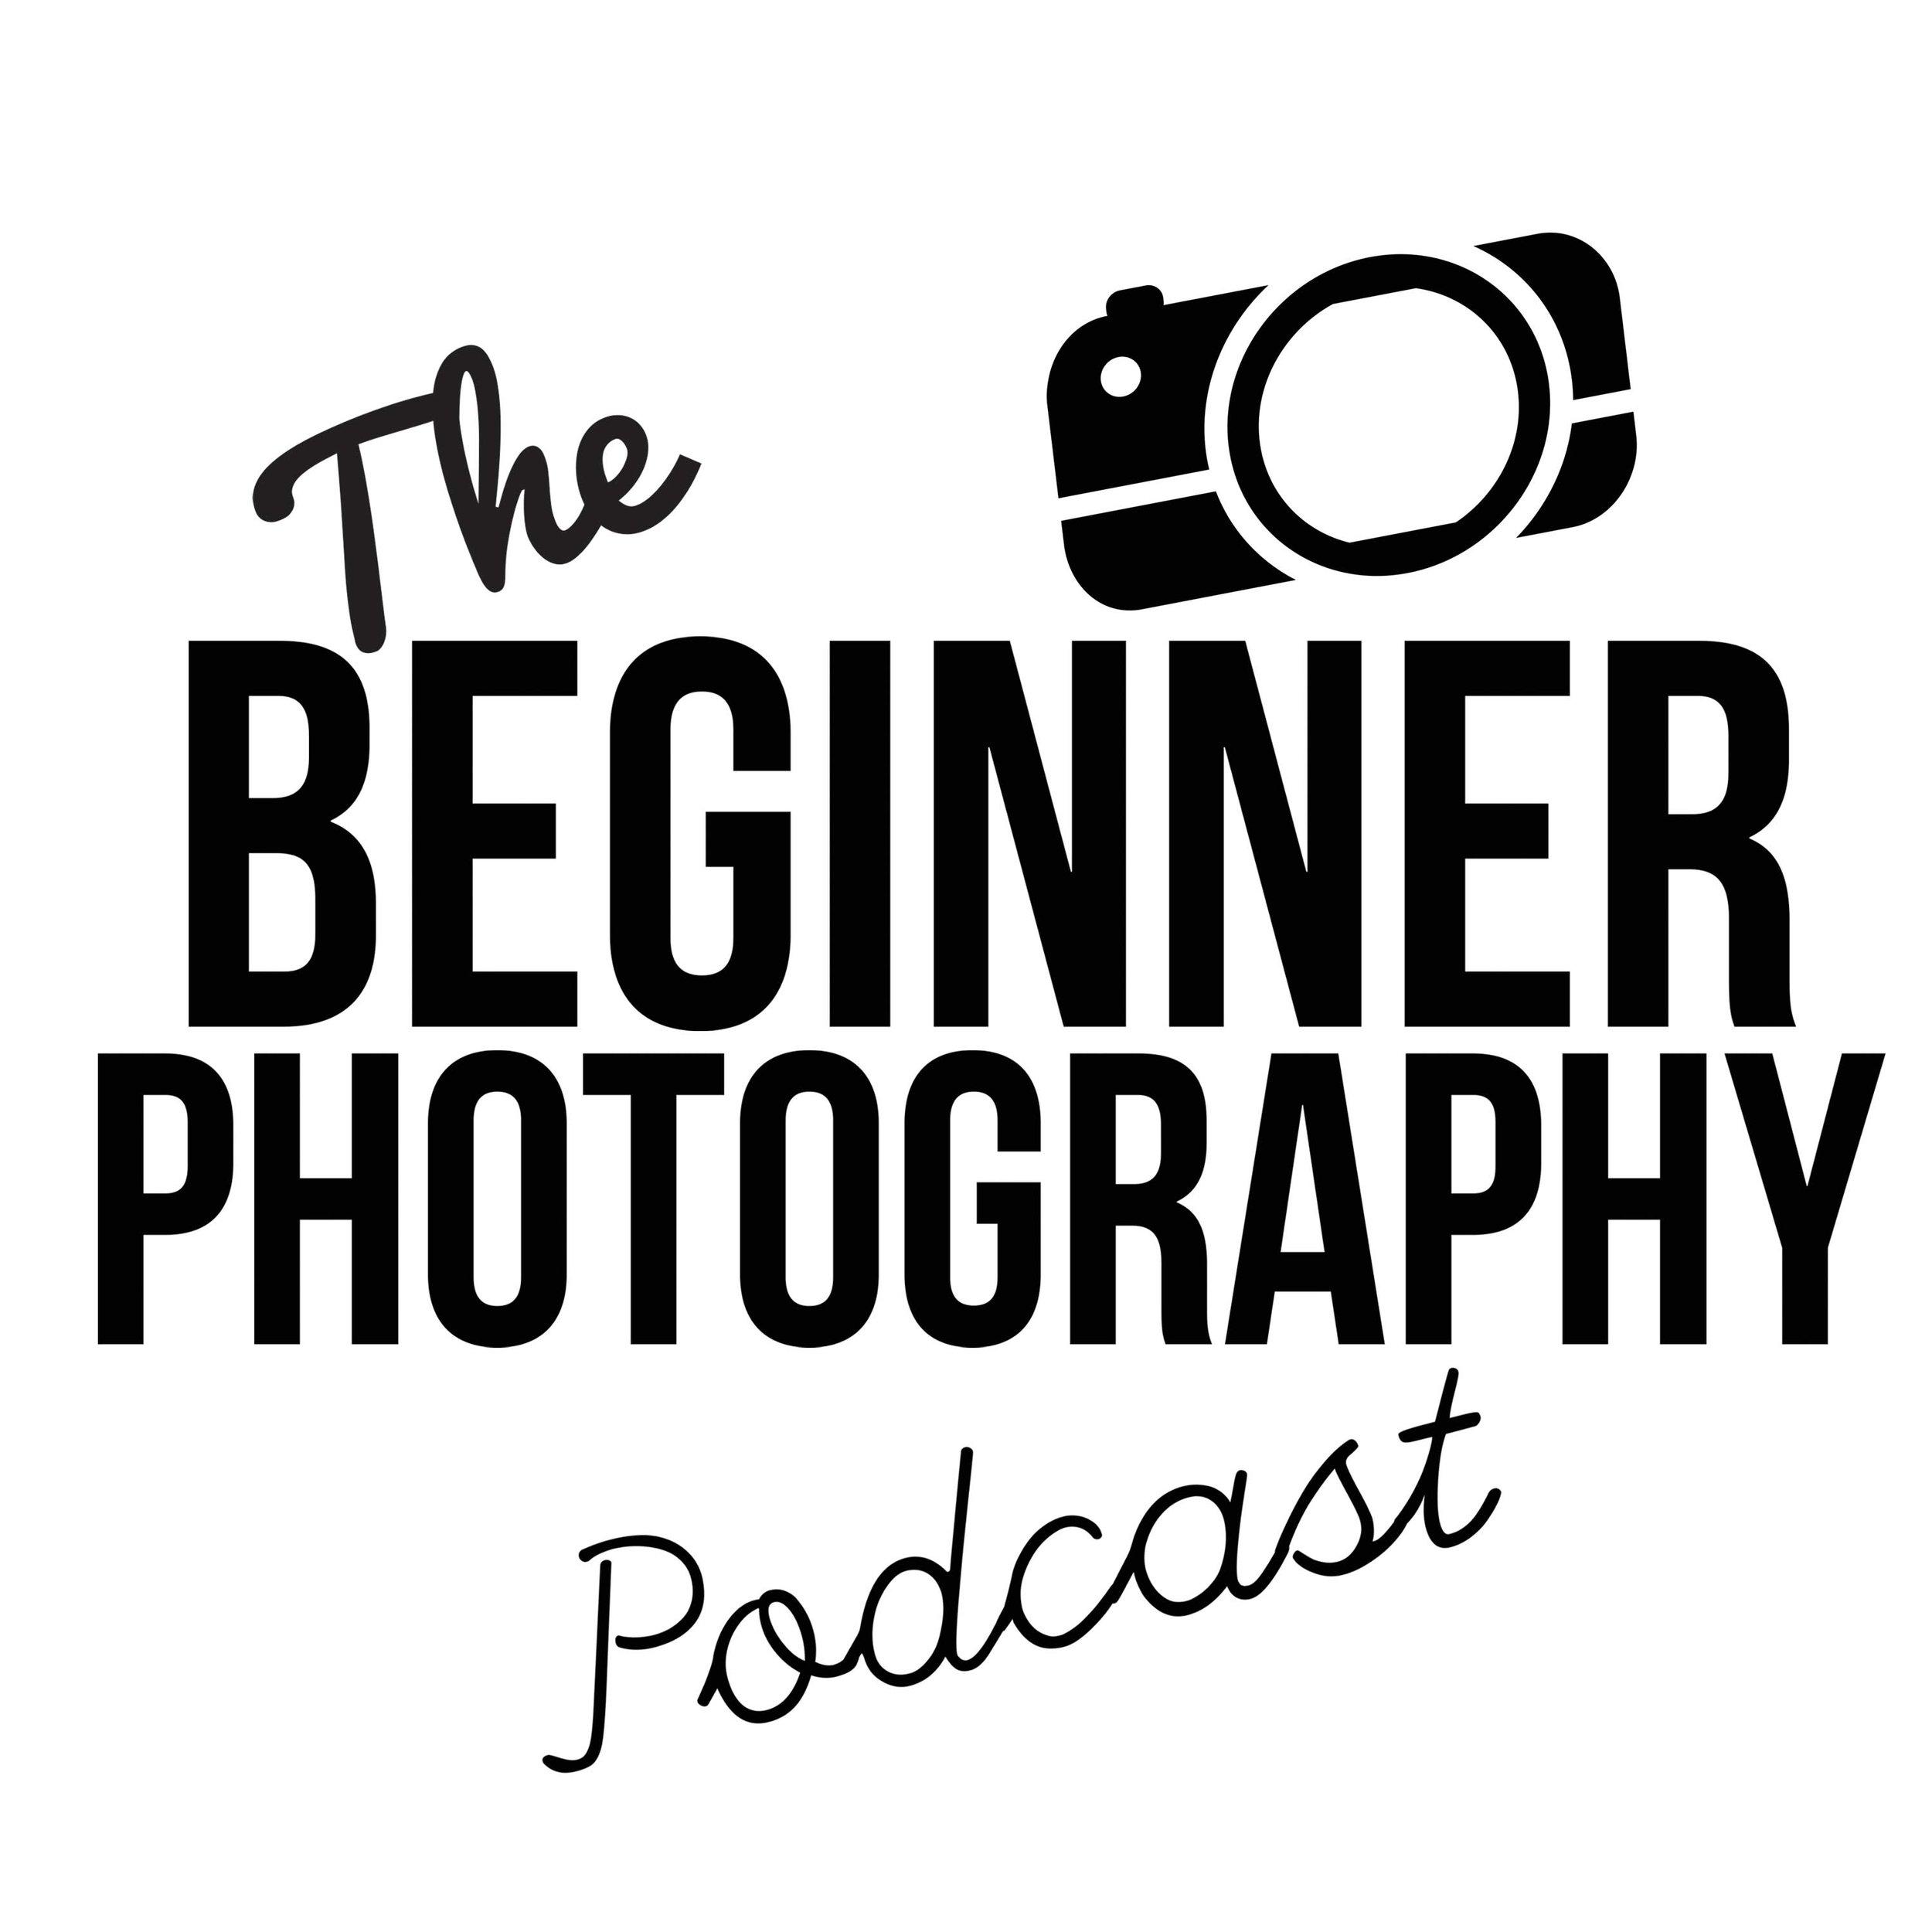 Kerstin Pressler on the beginner Photography Podcast, https://www.beginnerphotographypodcast.com/podcast/087